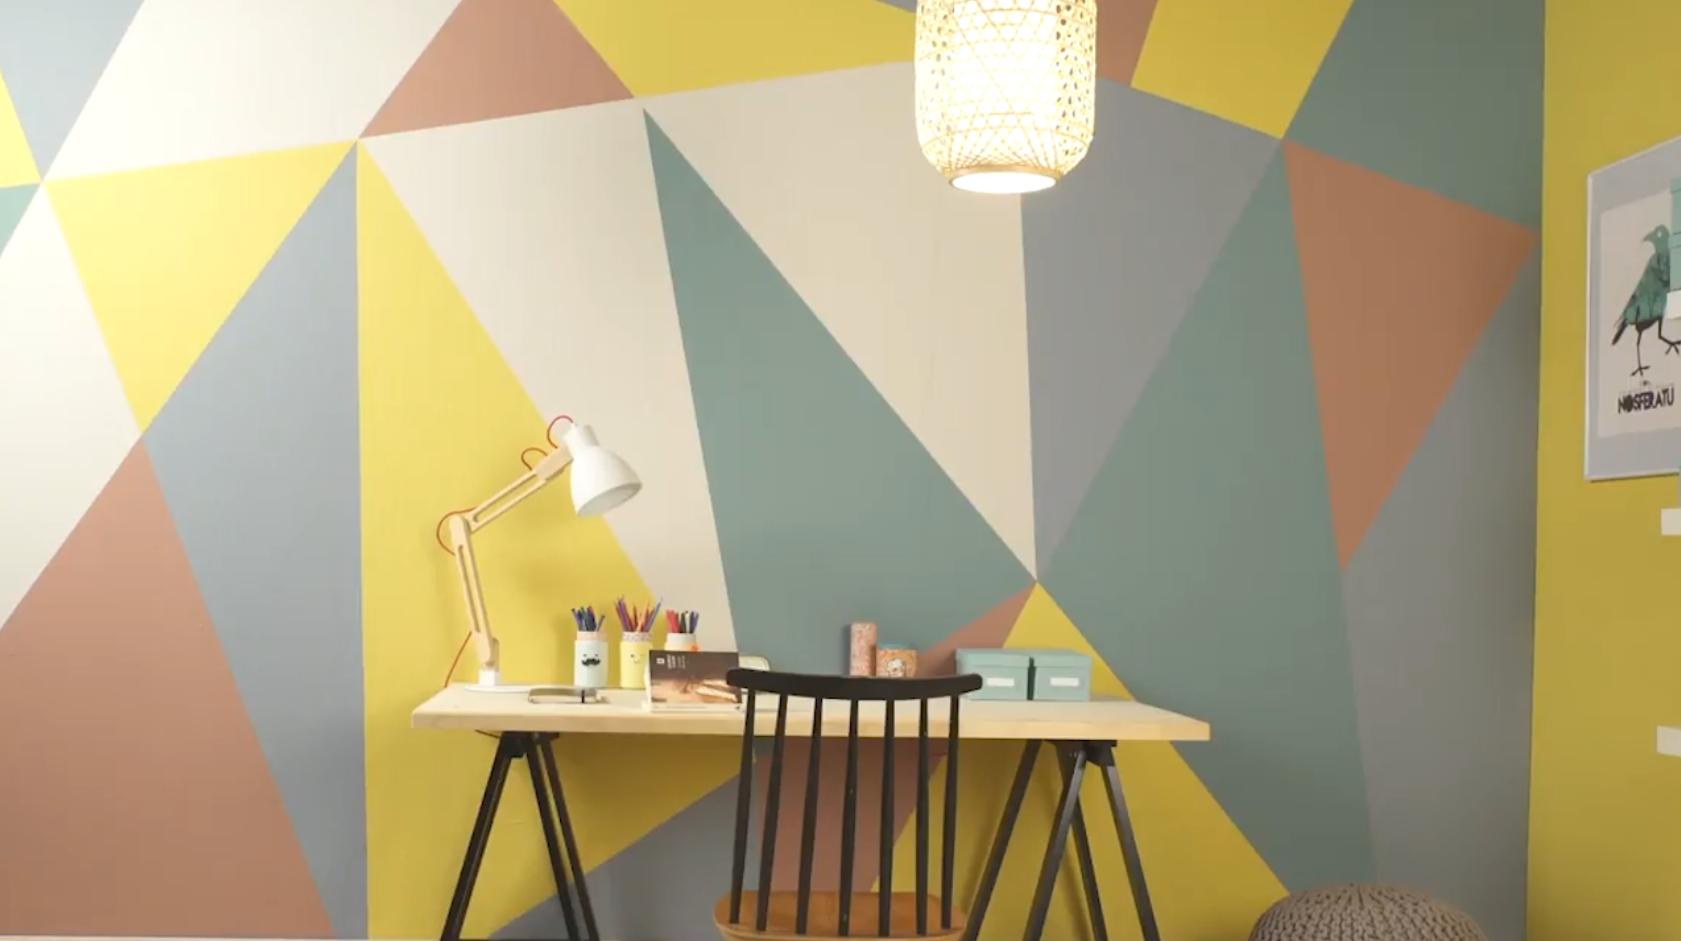 美丽墙面DIY  大胆地自己动手,用画笔与贴纸描绘起属于自己的美丽墙面,微小的投入加上巧妙的心思,就能带来独一无二的墙面风情。